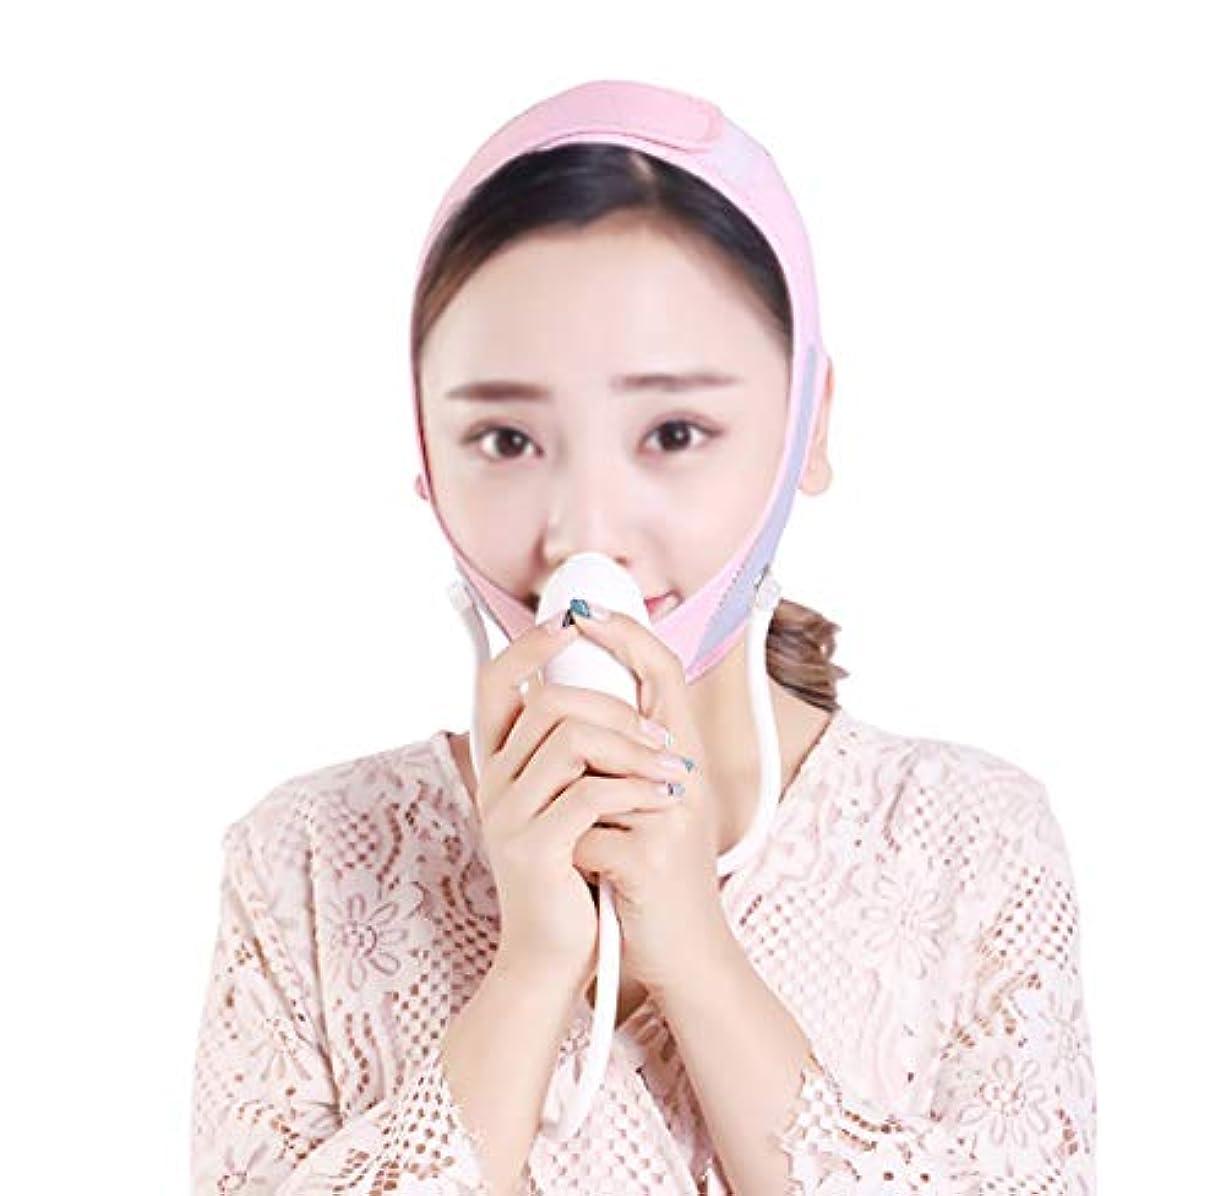 韓国ボア作りますフェイシャルマスク、ダブルチンリフトしっかりサイズvフェイス男性と女性のベルトを細くするインフレータブル調節可能フェイスリフトアーチファクト包帯